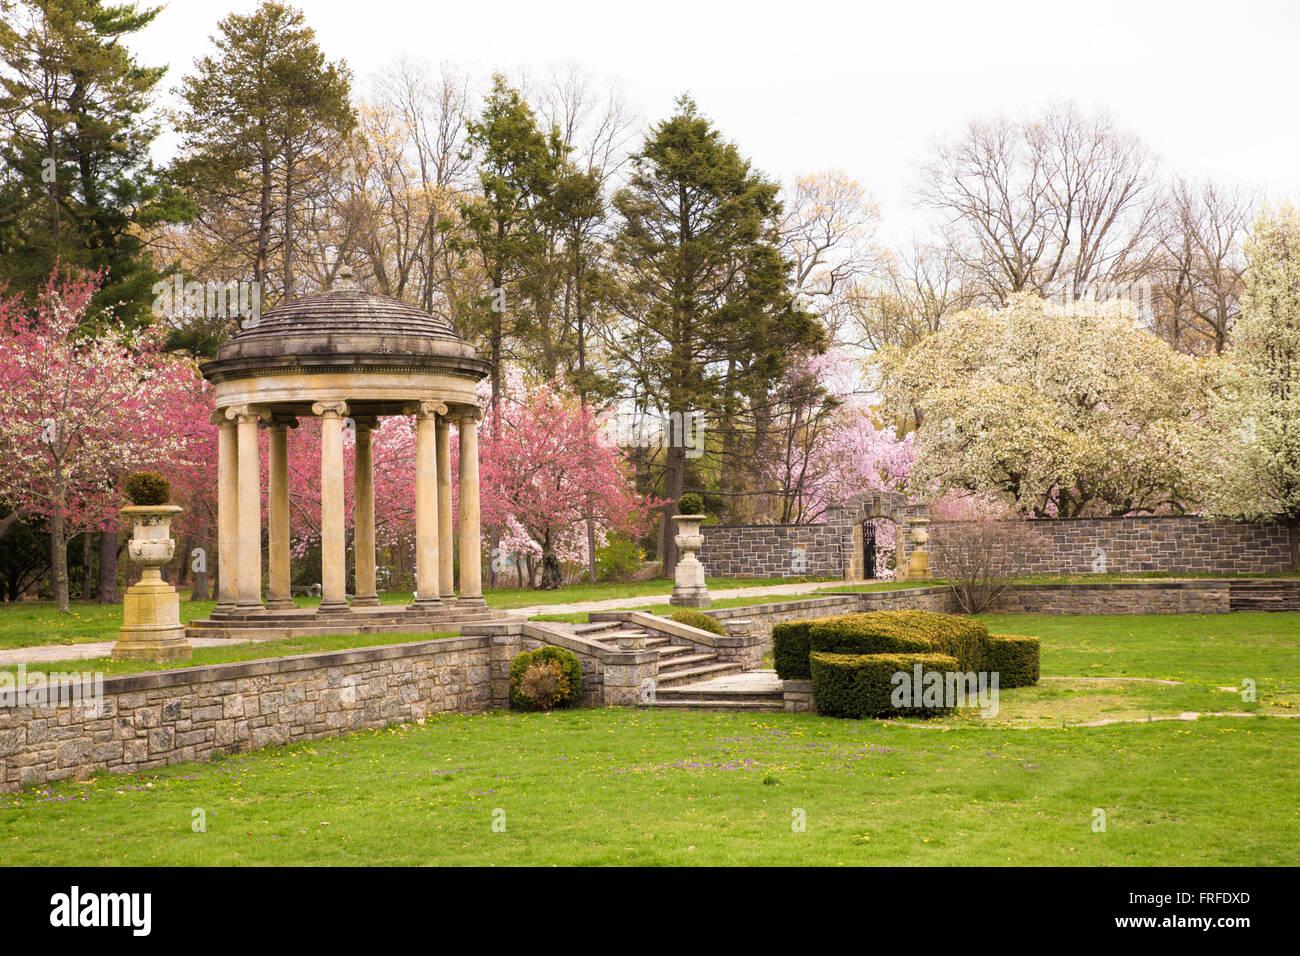 Italian Classical Garden Stock Photos & Italian Classical Garden ...